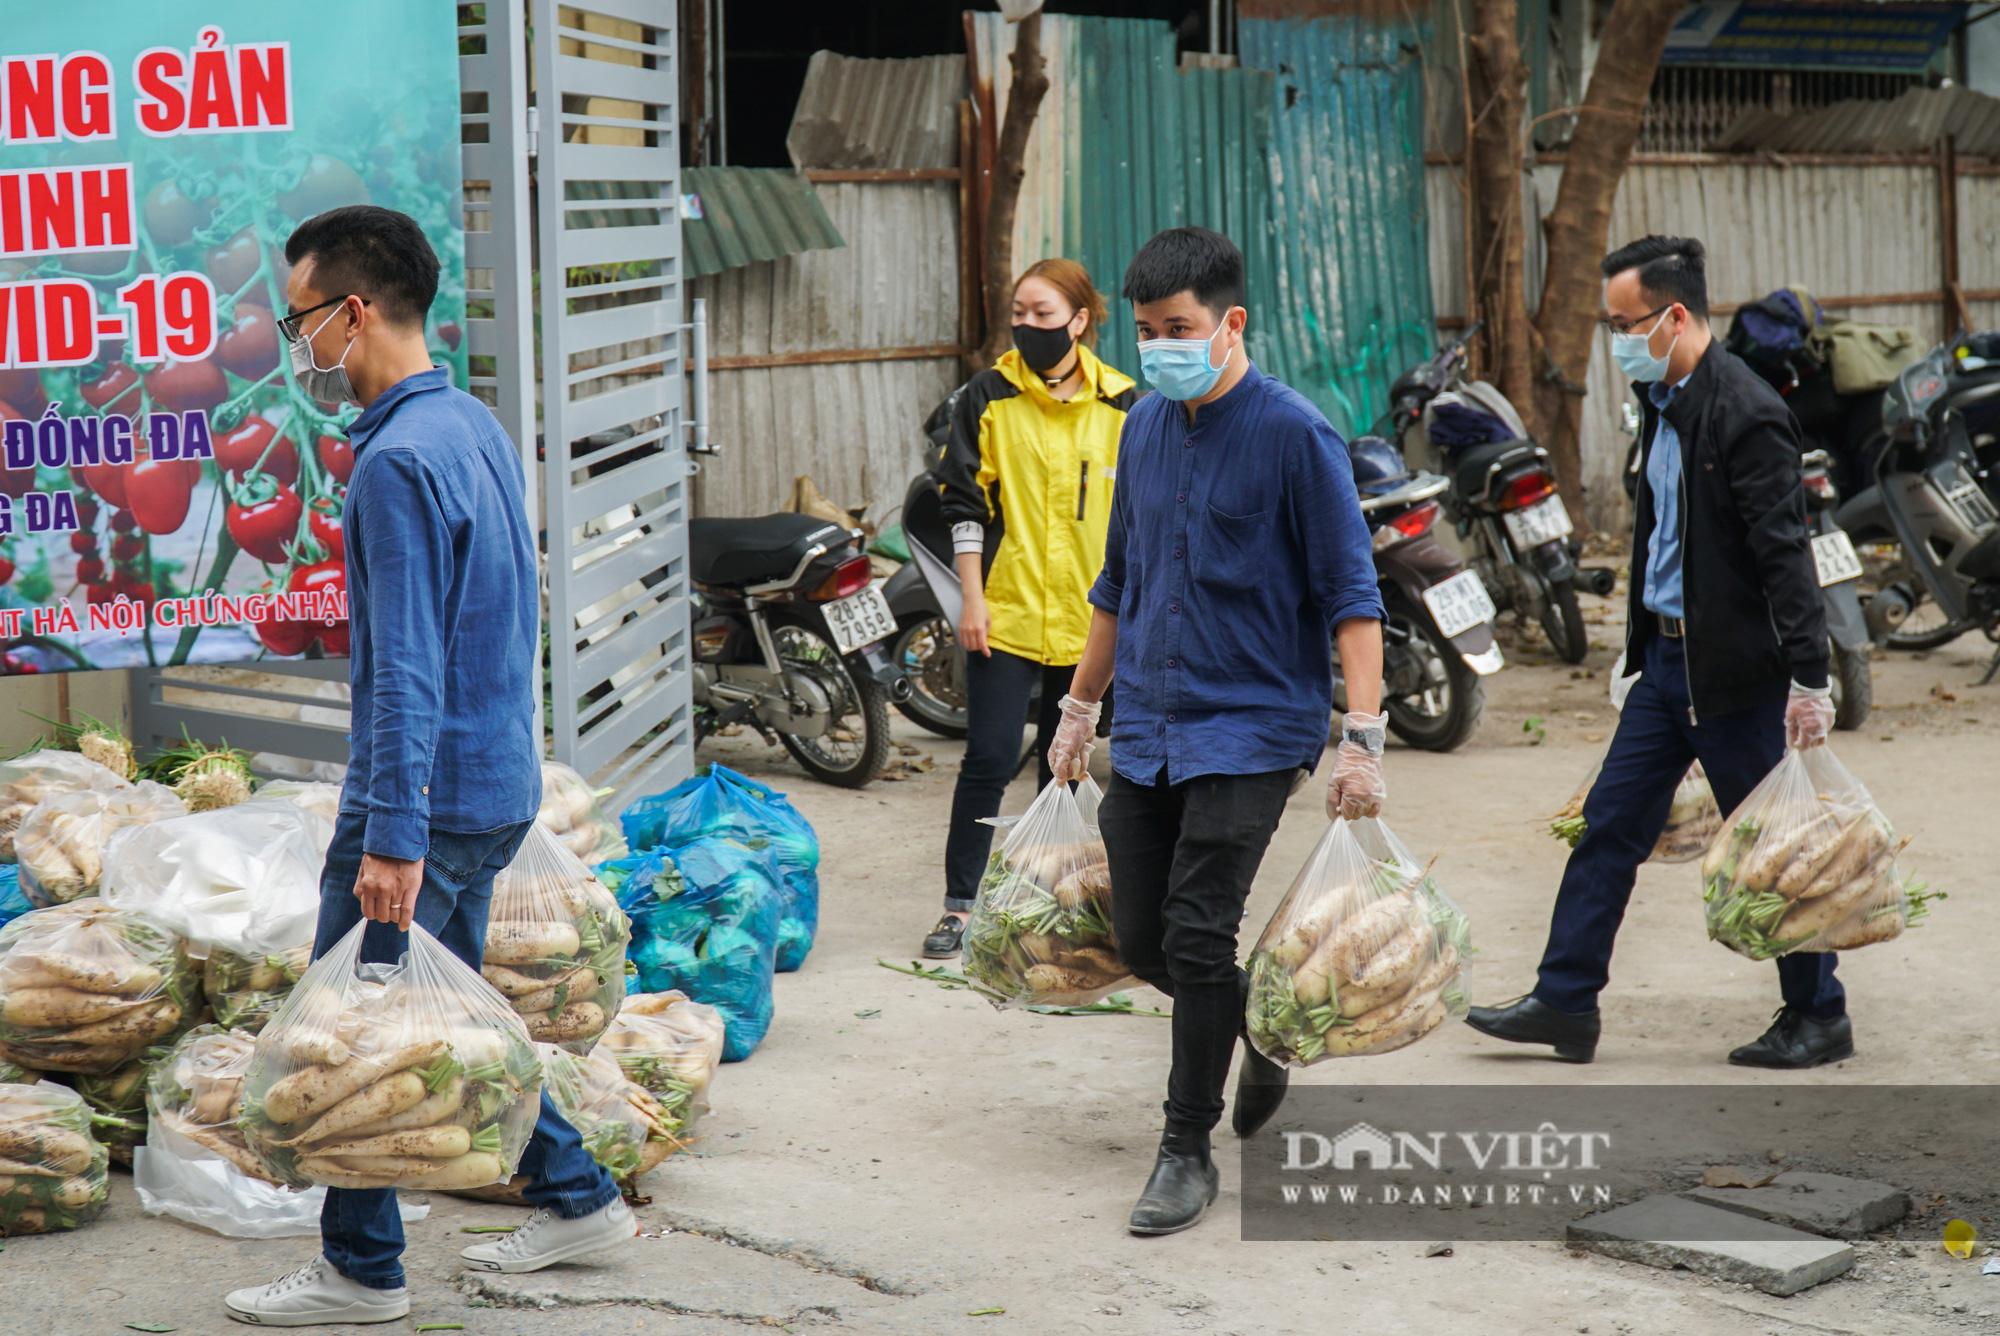 Hơn 4 tấn nông sản ở Mê Linh được giải cứu trong sáng nay - Ảnh 3.